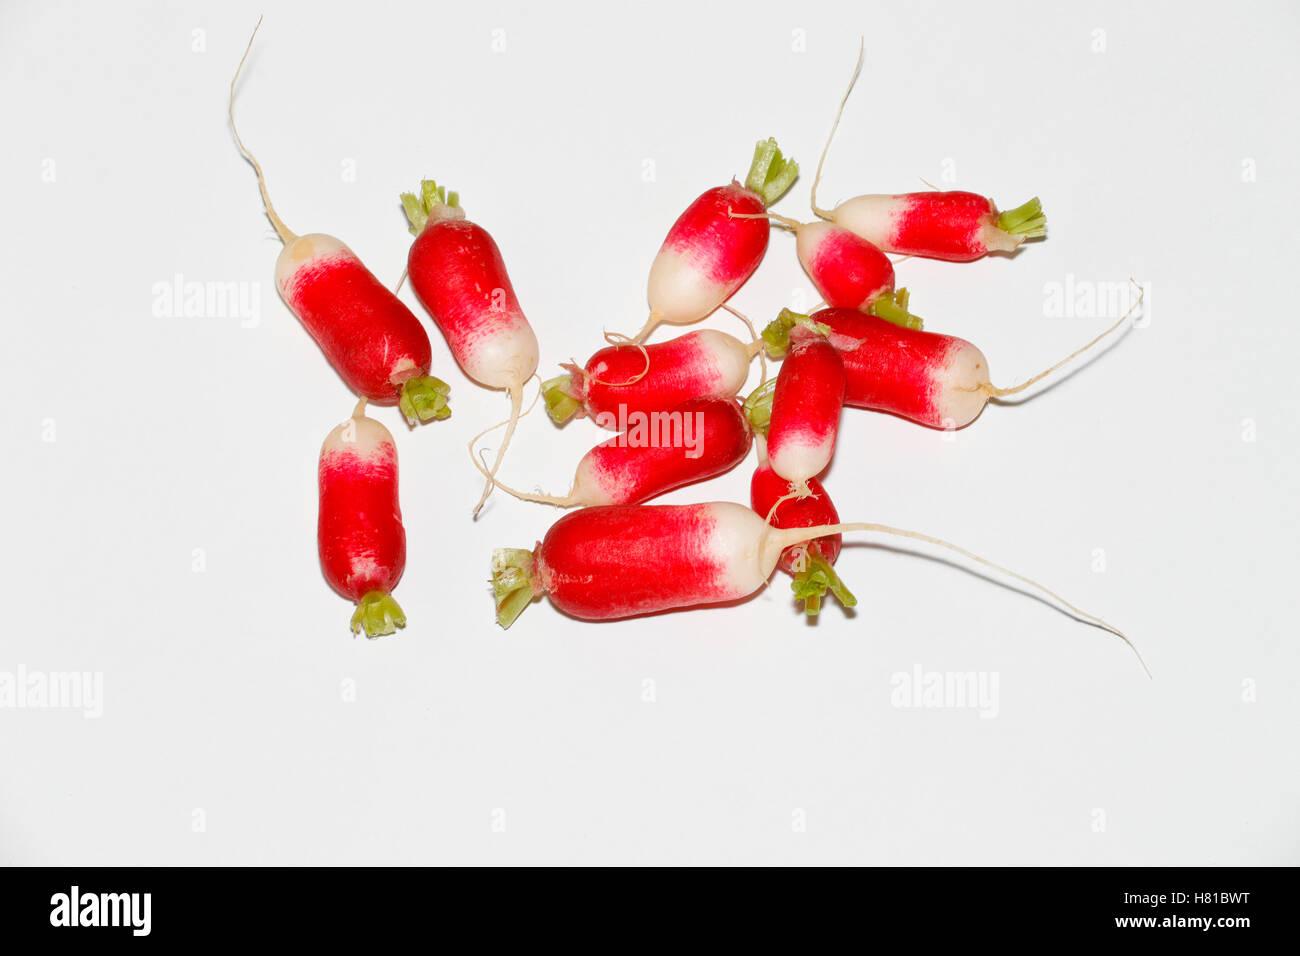 Ravanelli su sfondo bianco. Tagliare Immagini Stock